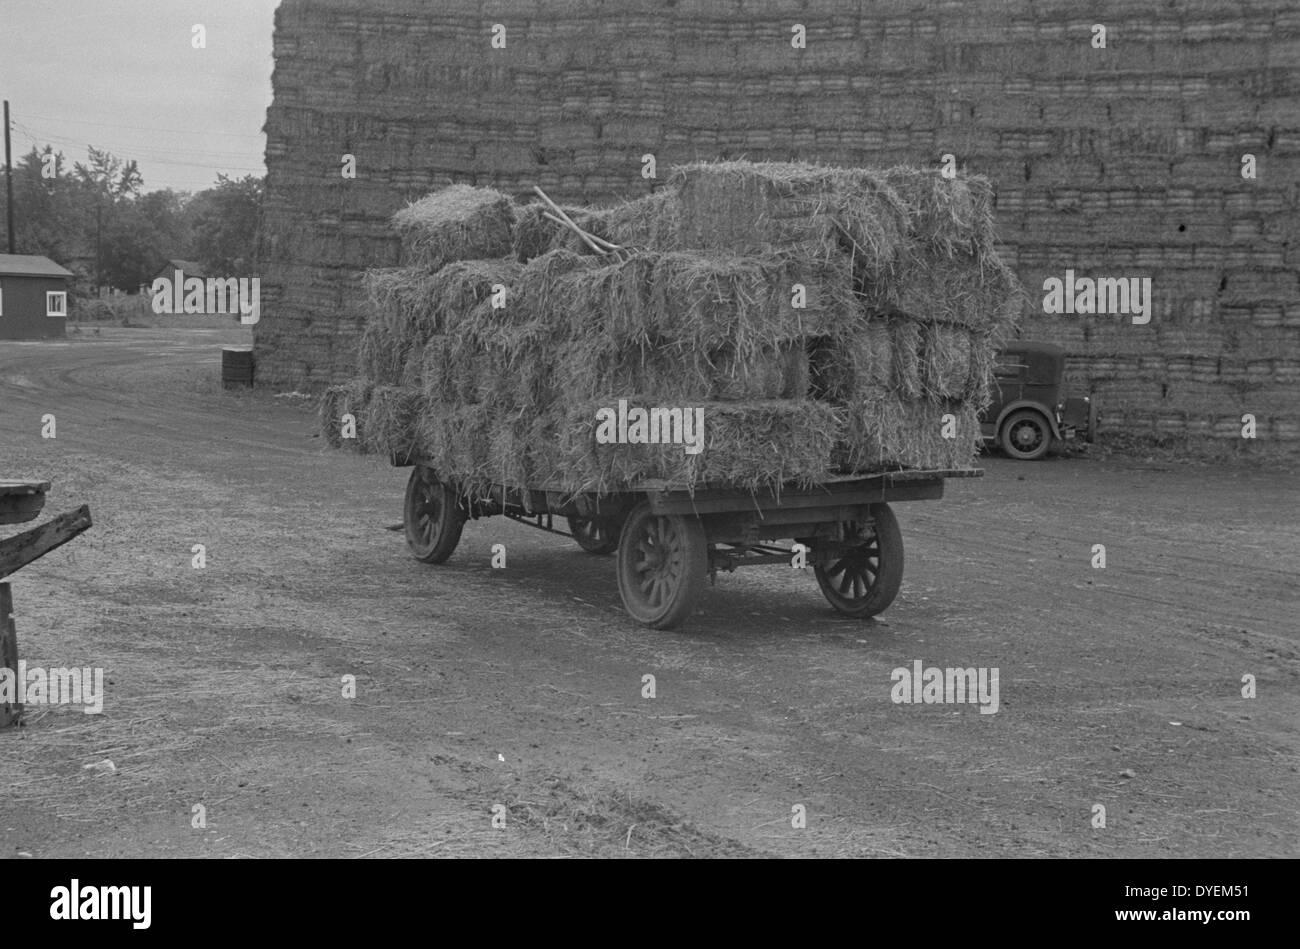 Balle di paglia per essere utilizzato per la produzione di cartoni paglia nella grande depressione, Immagini Stock